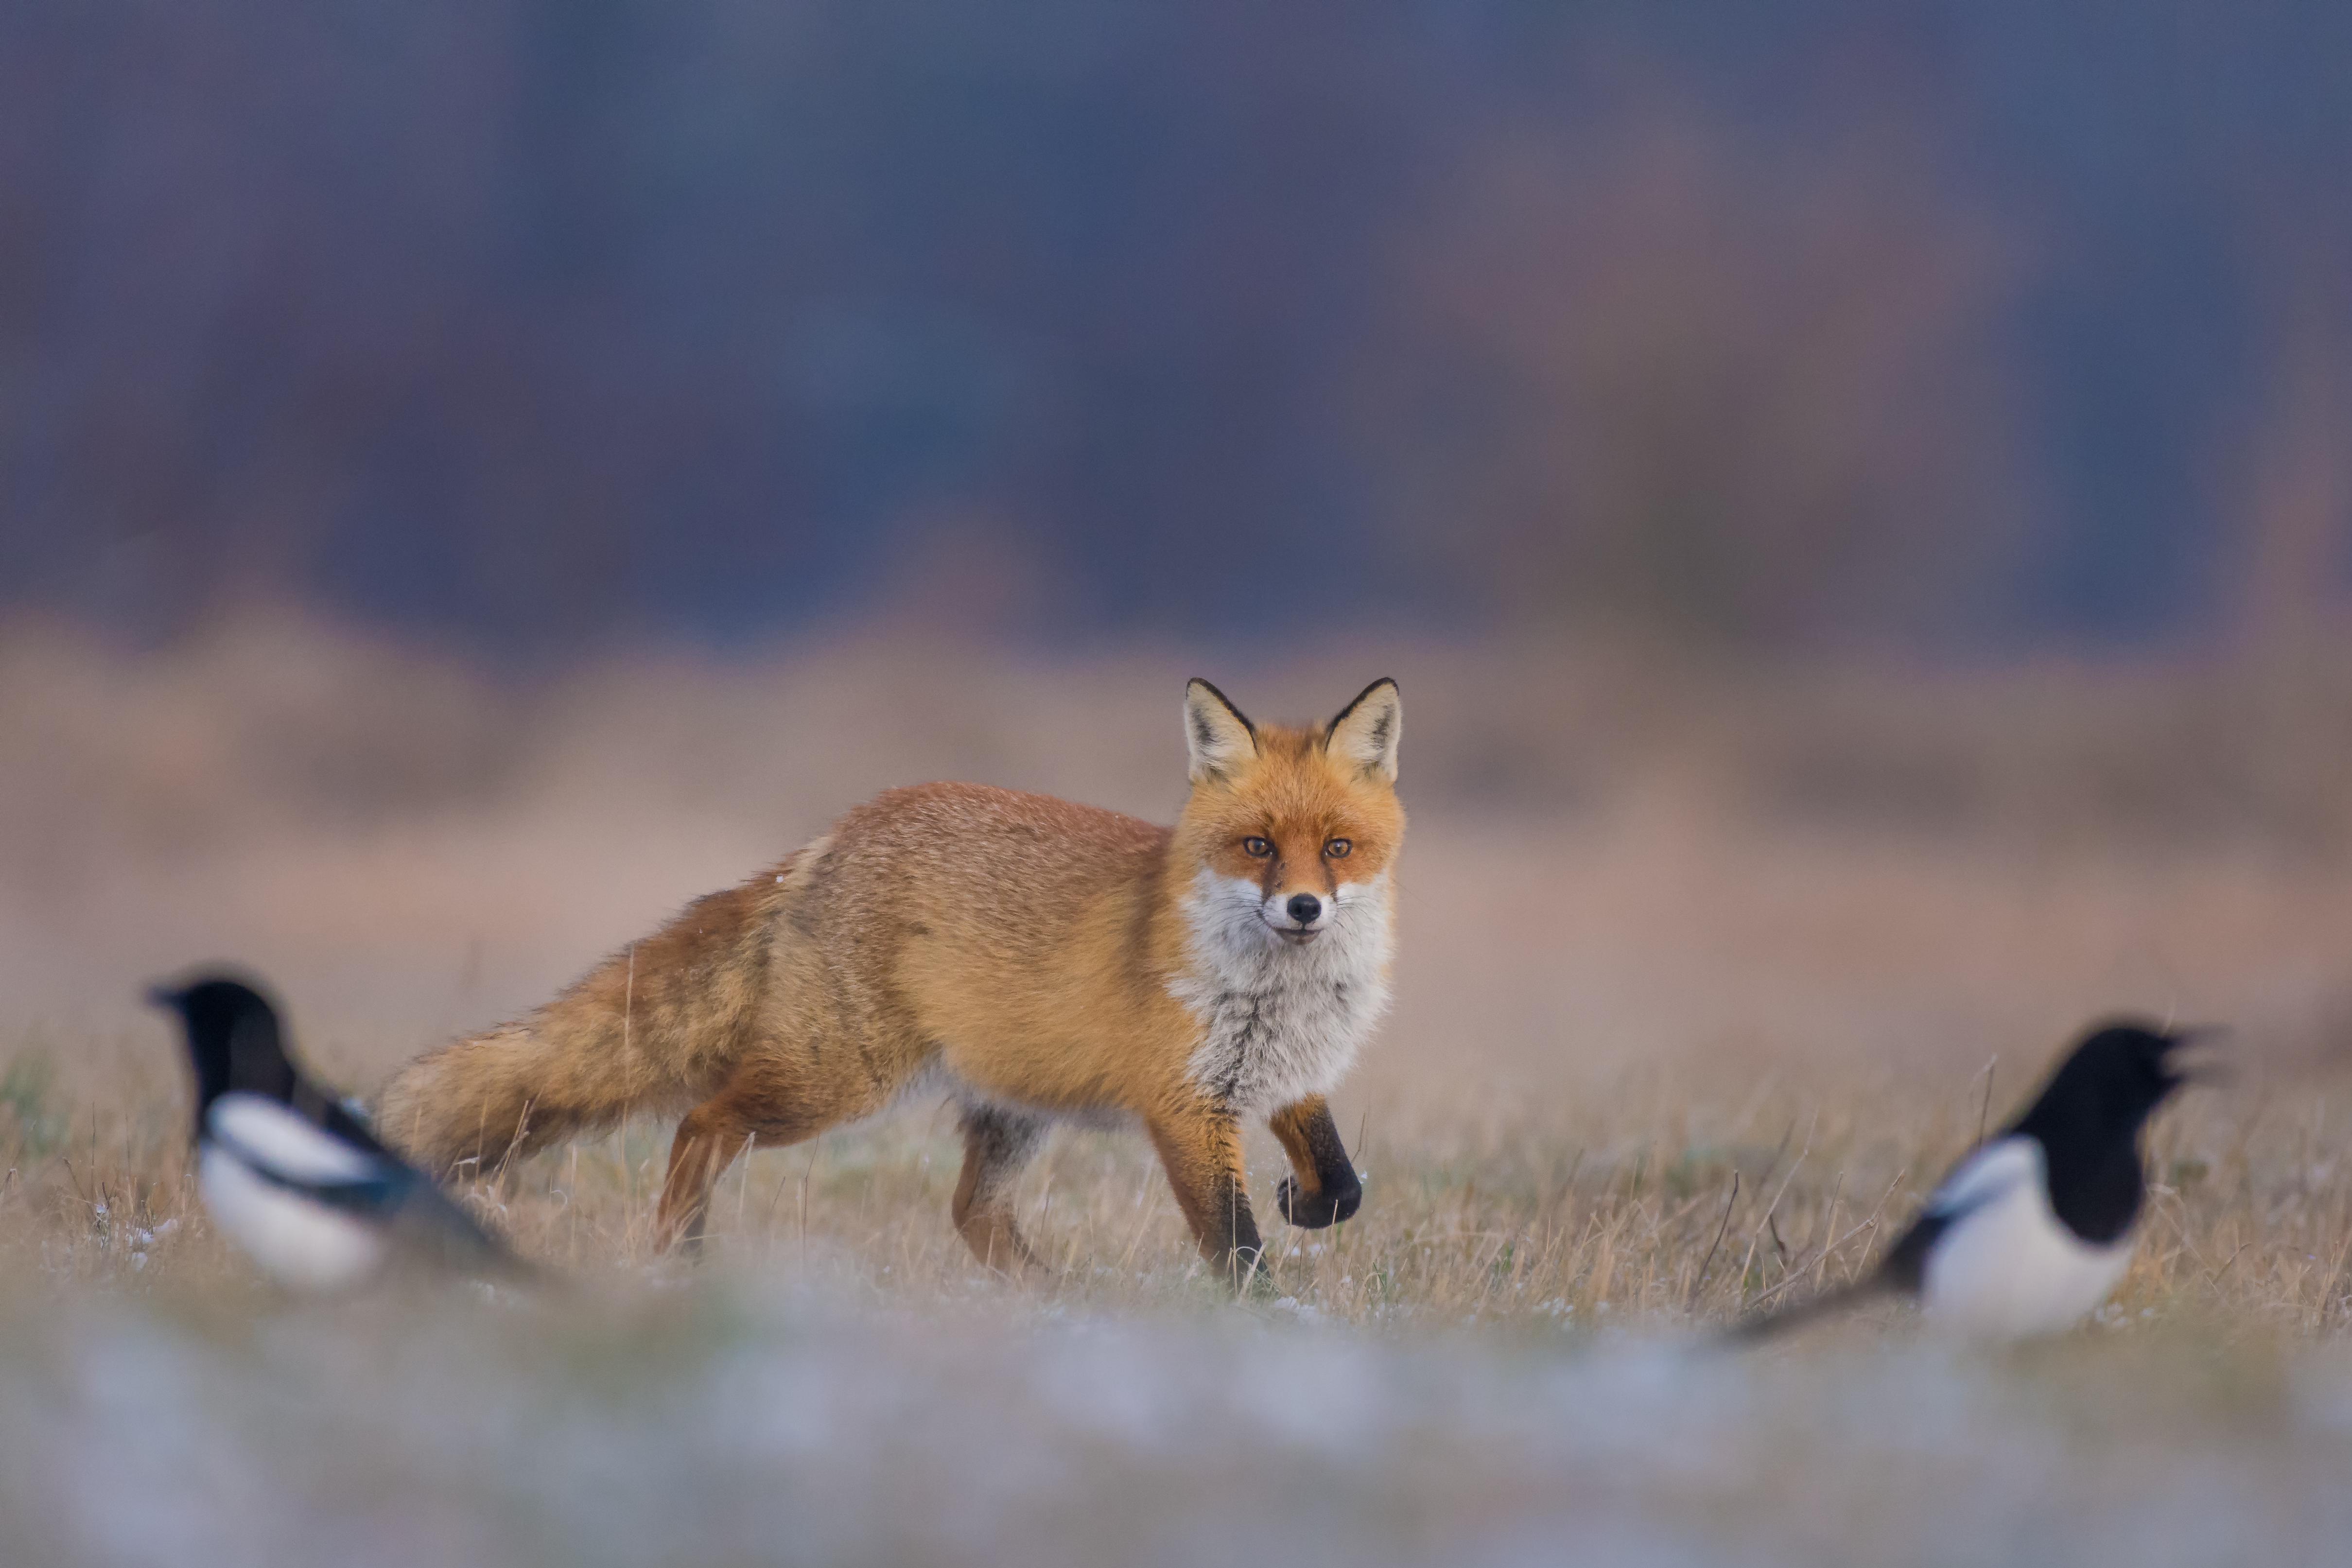 controllo dei predatori e piccola selvaggina